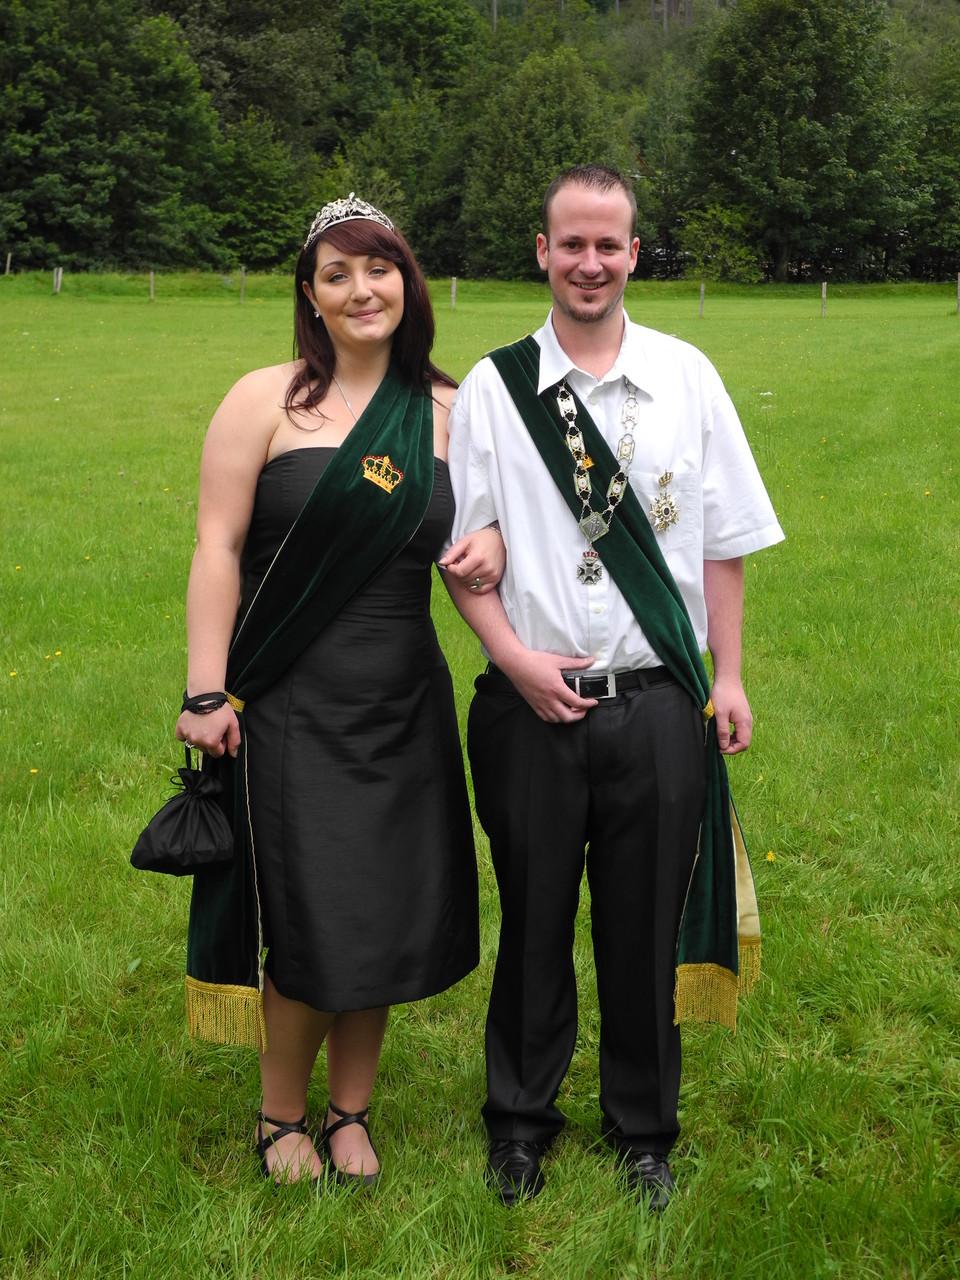 Schützenkönigspaar 2011: Dennis Roth und Kirsten Kuhli